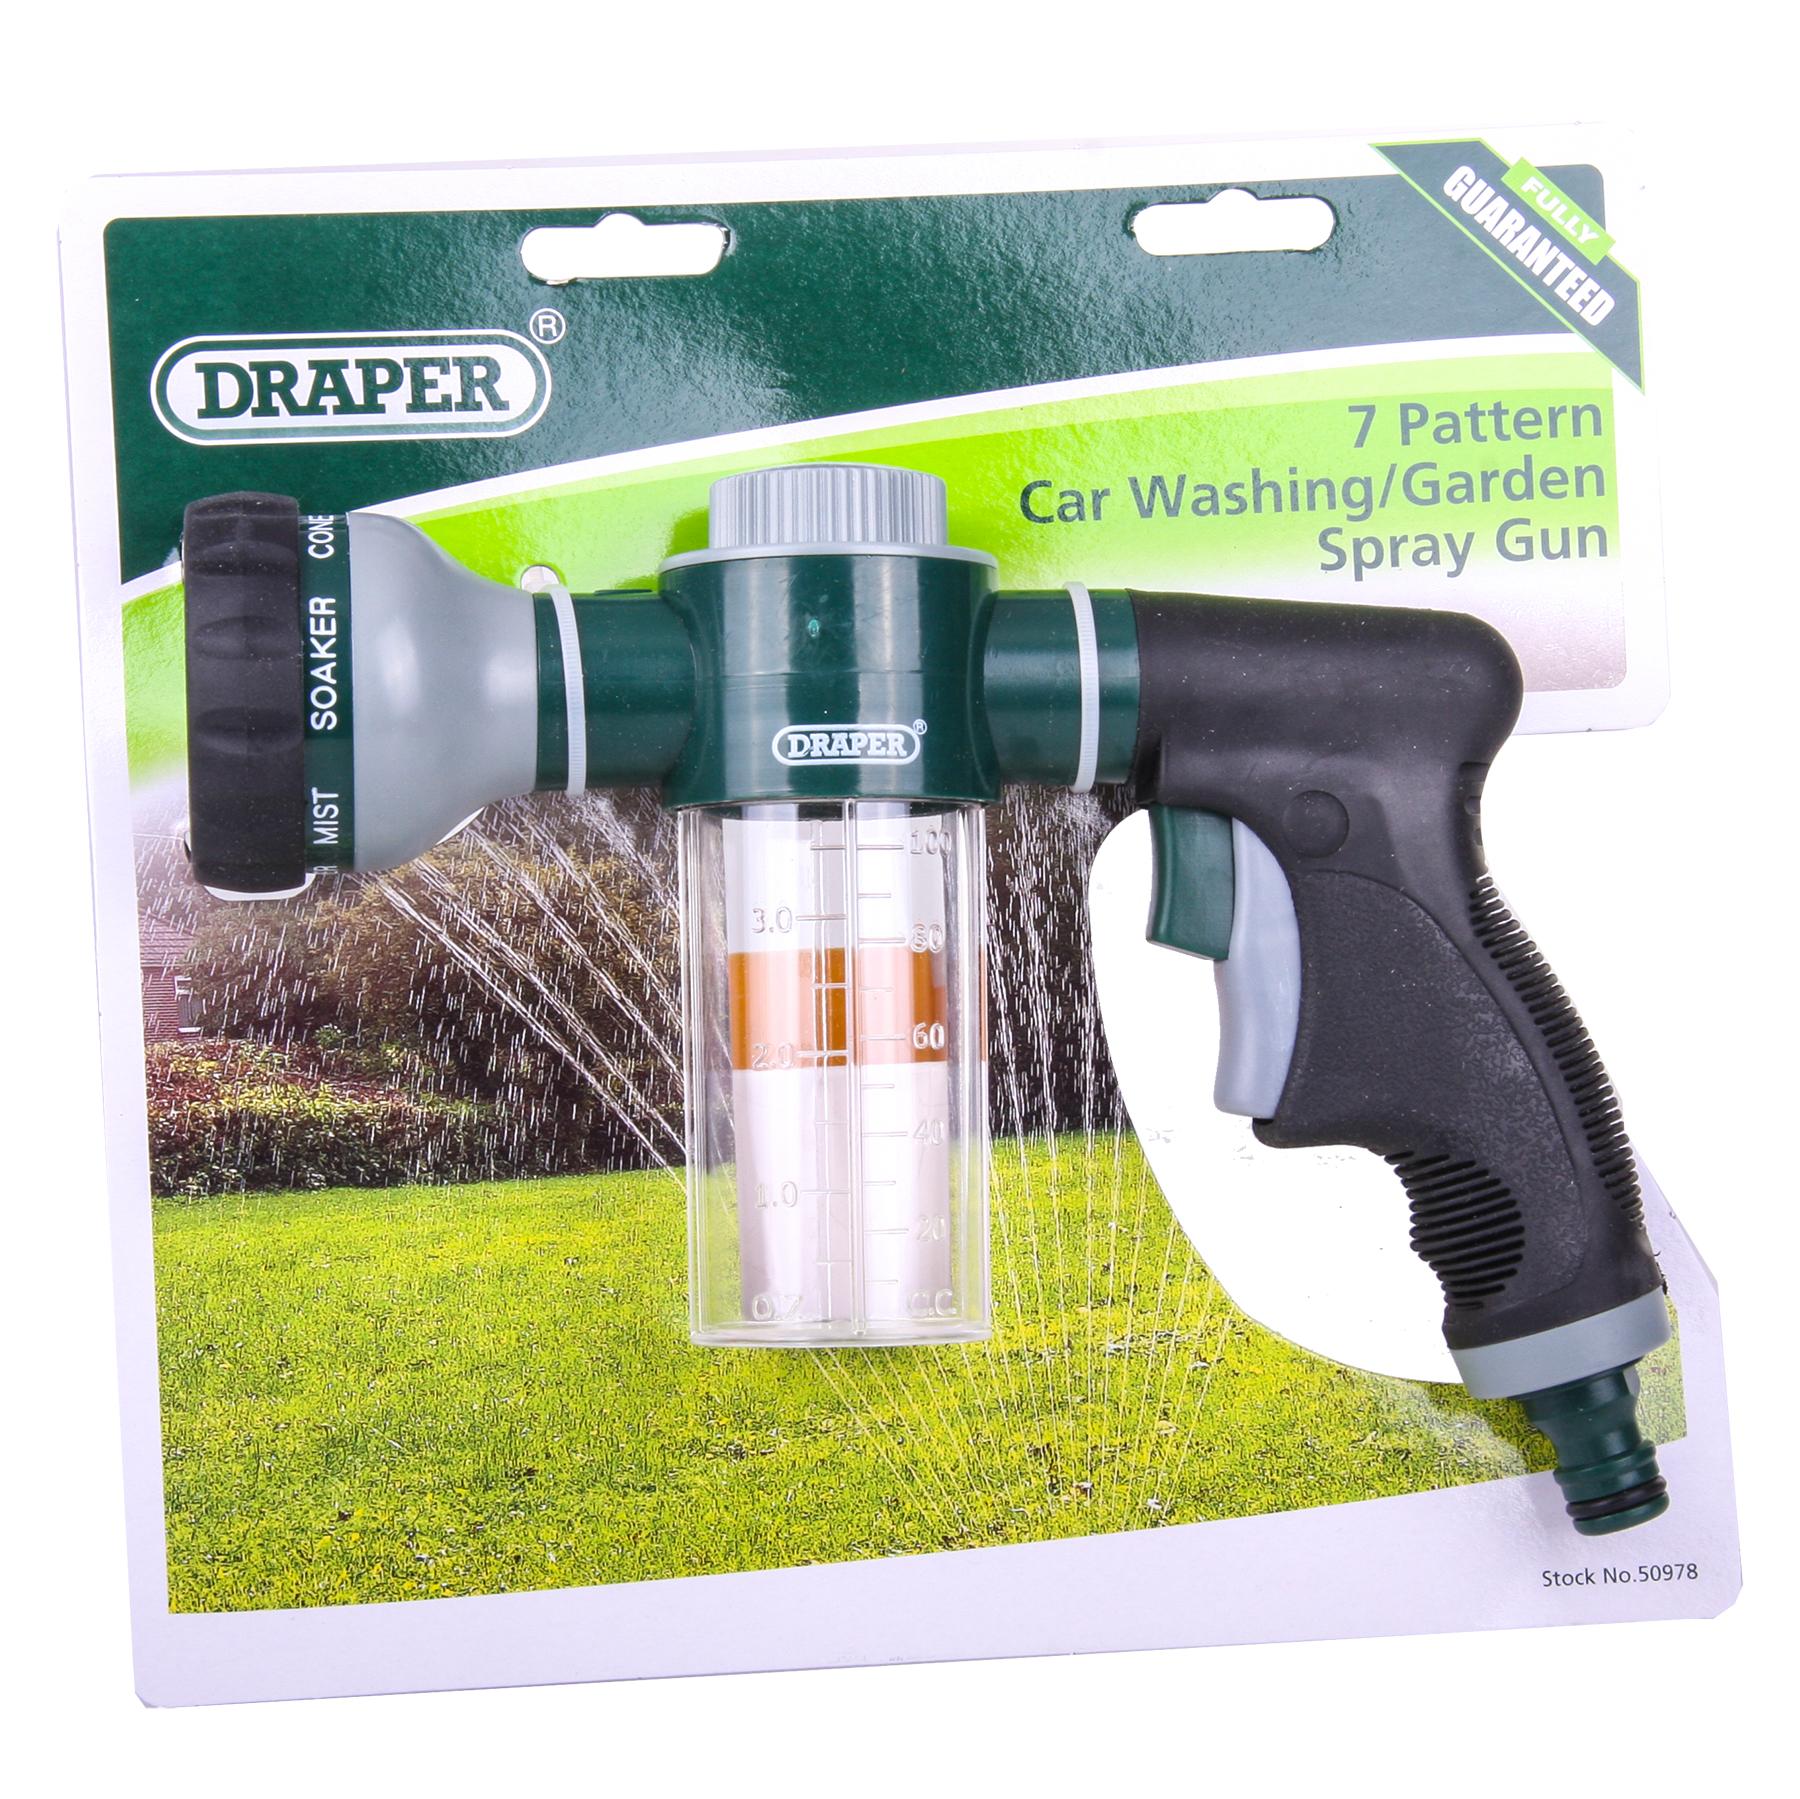 /Draper 50978 GWCWG/2 Car Wash Or Fertiliser Spray Gun